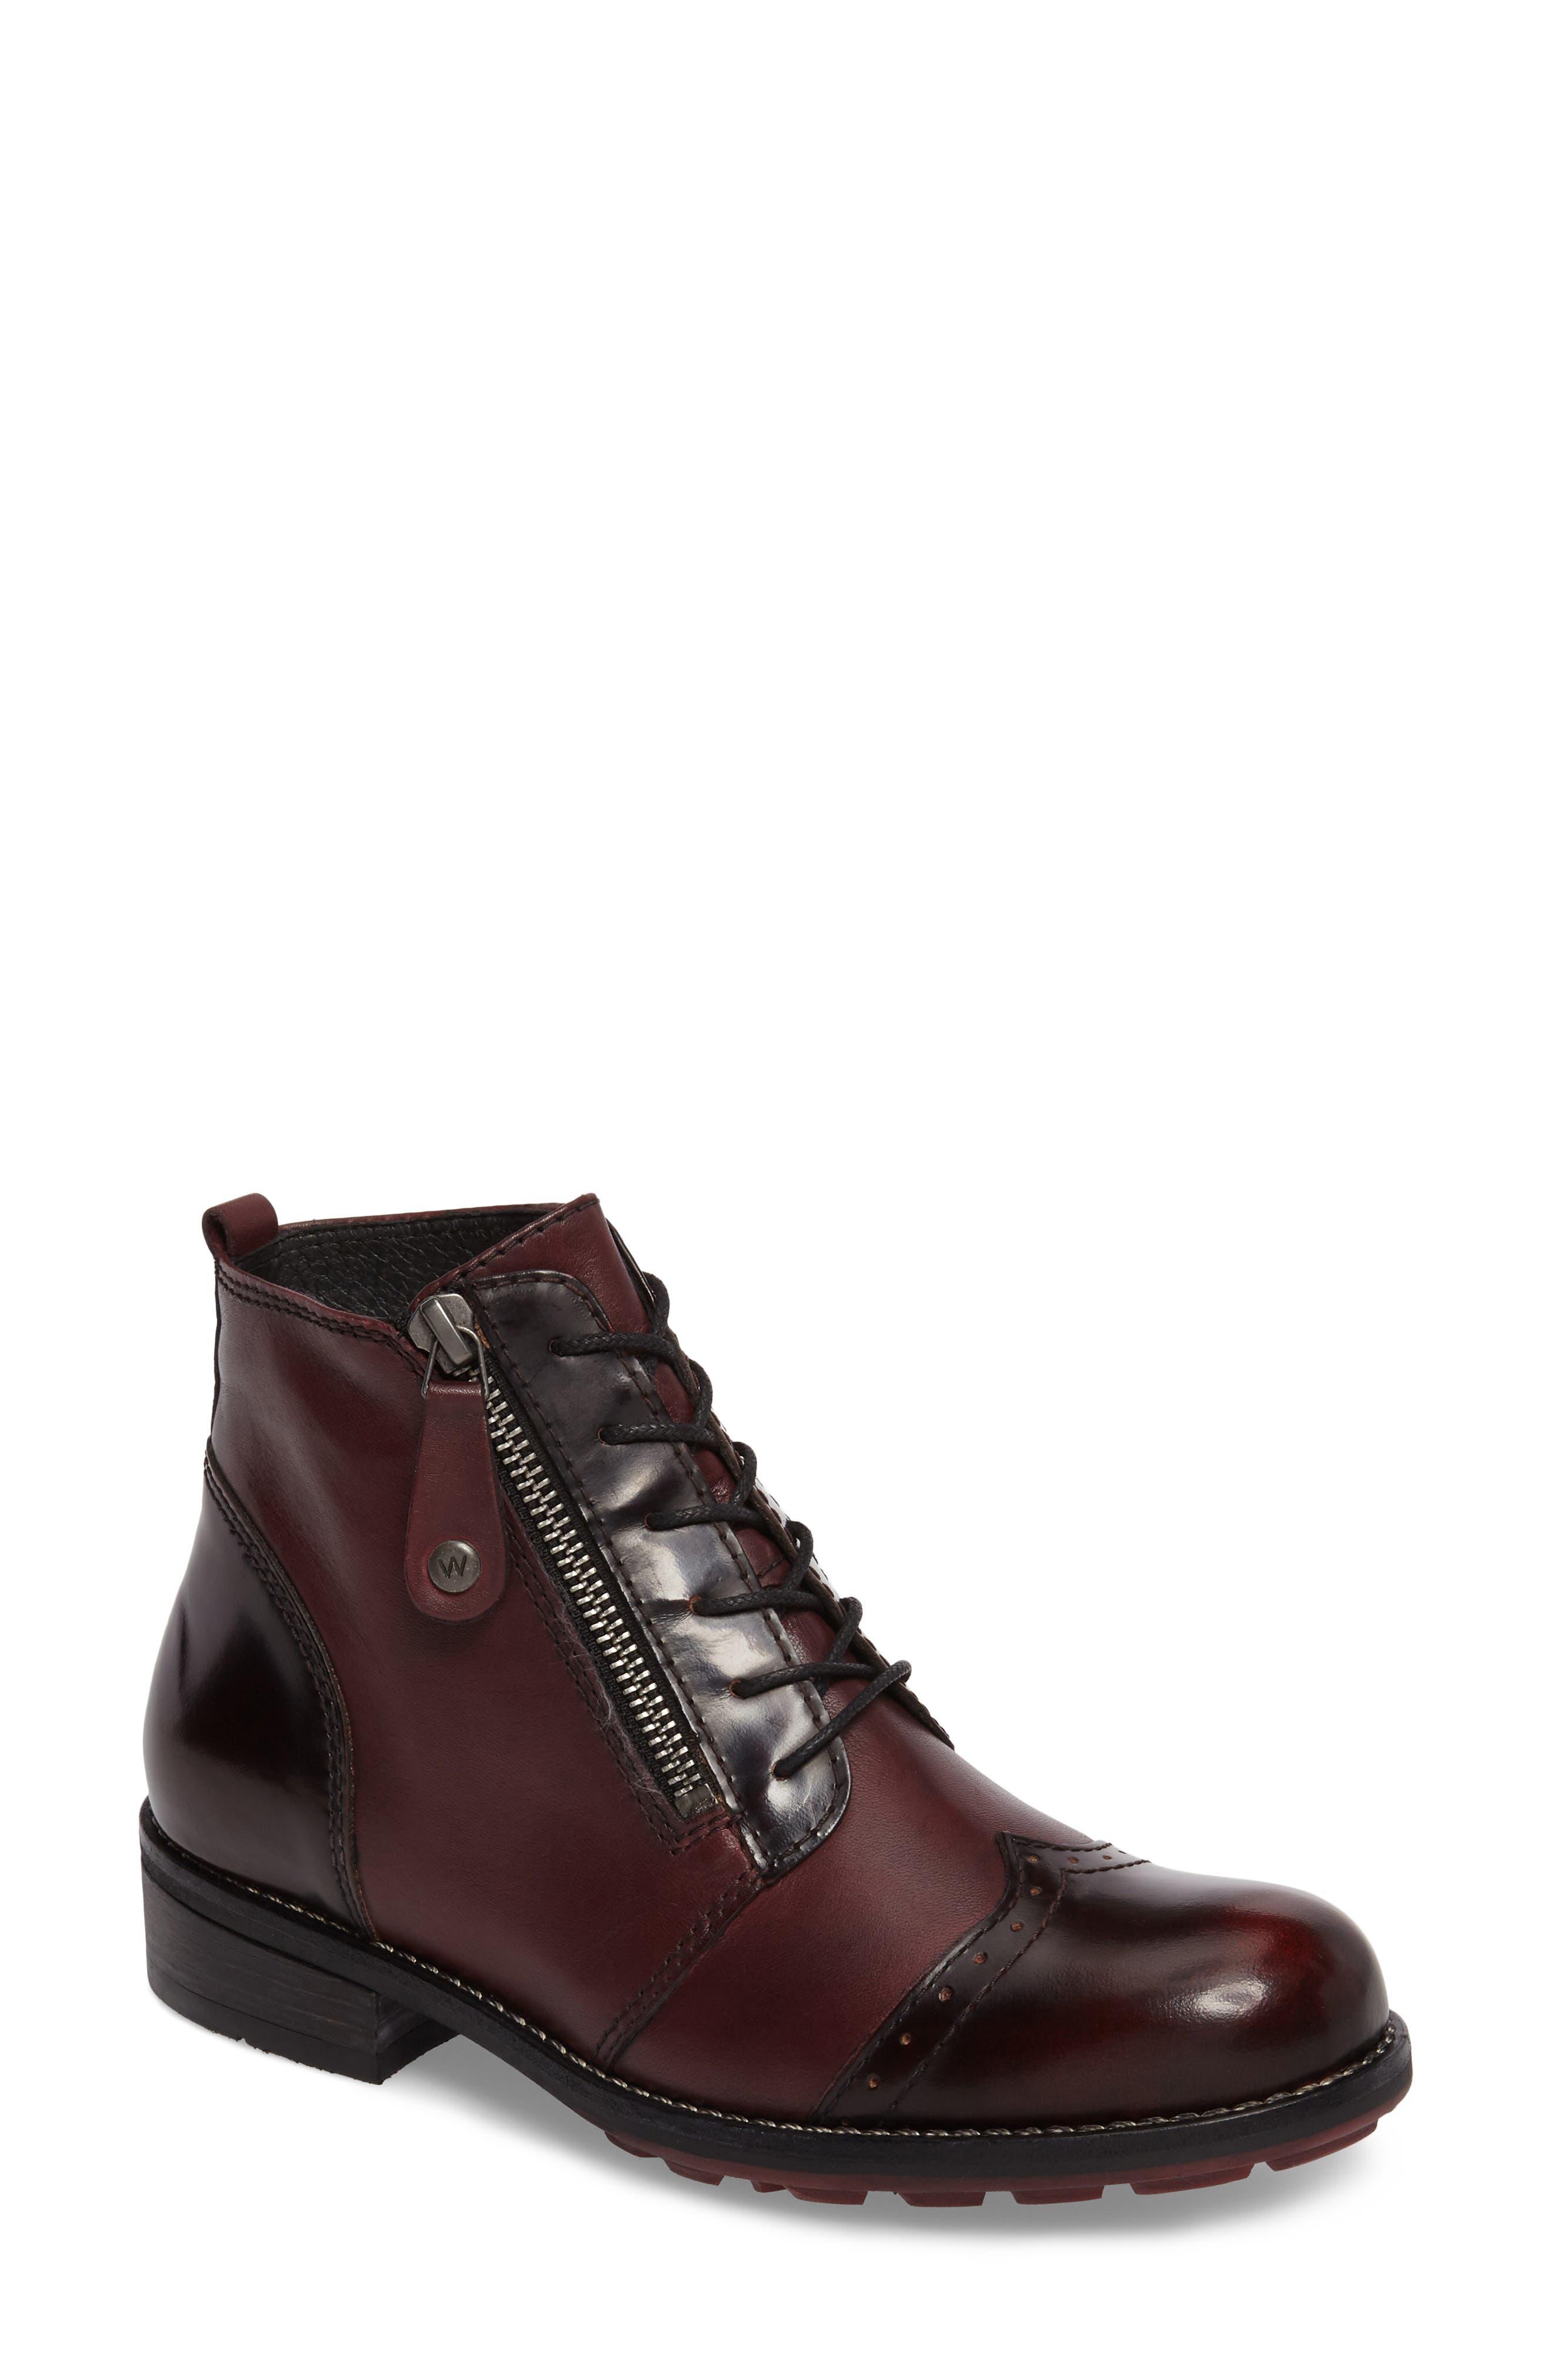 Millstream Boot,                         Main,                         color, Bordo Leather